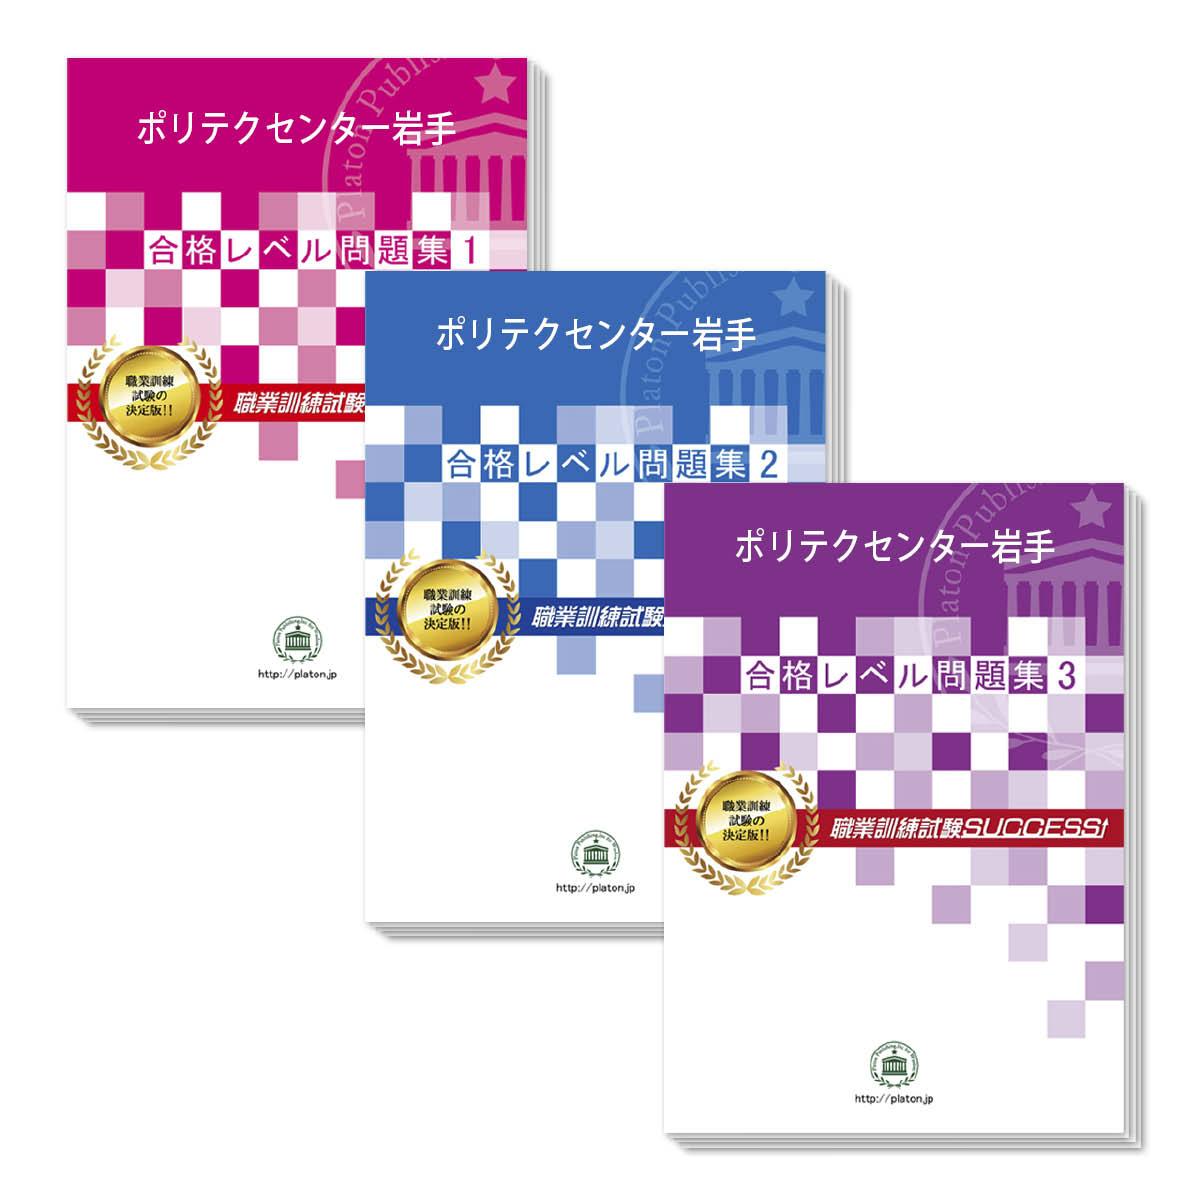 送料 高級 代引手数料無料 ポリテクセンター岩手 受験合格セット問題集 3冊 店